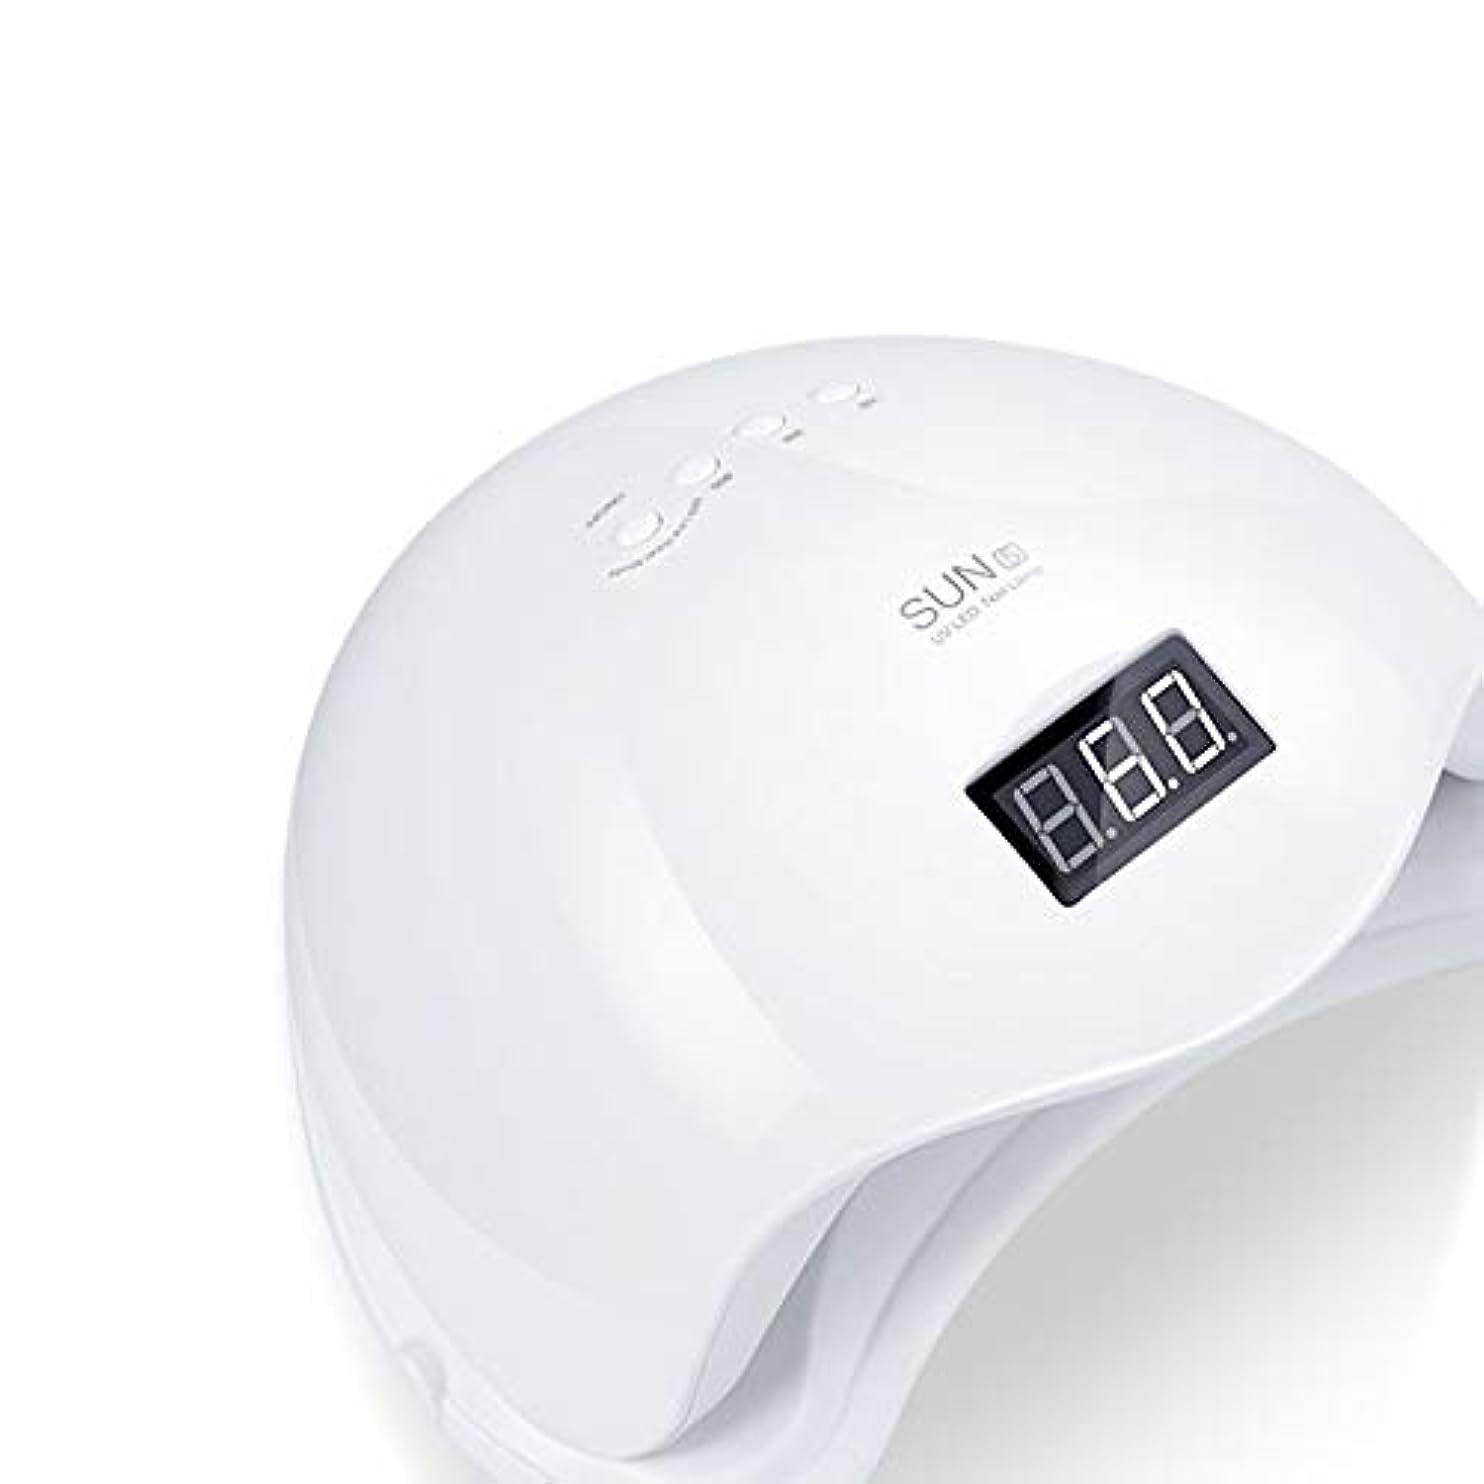 原子瞑想正当化するLEDネイルライト、24個のLEDビーズが付いている48Wマニキュアドライヤーライトの治癒光 - 安い、ディスカウント価格センサーUVジェルネイルポリッシュ用4タイマー(10/30/60/99秒)